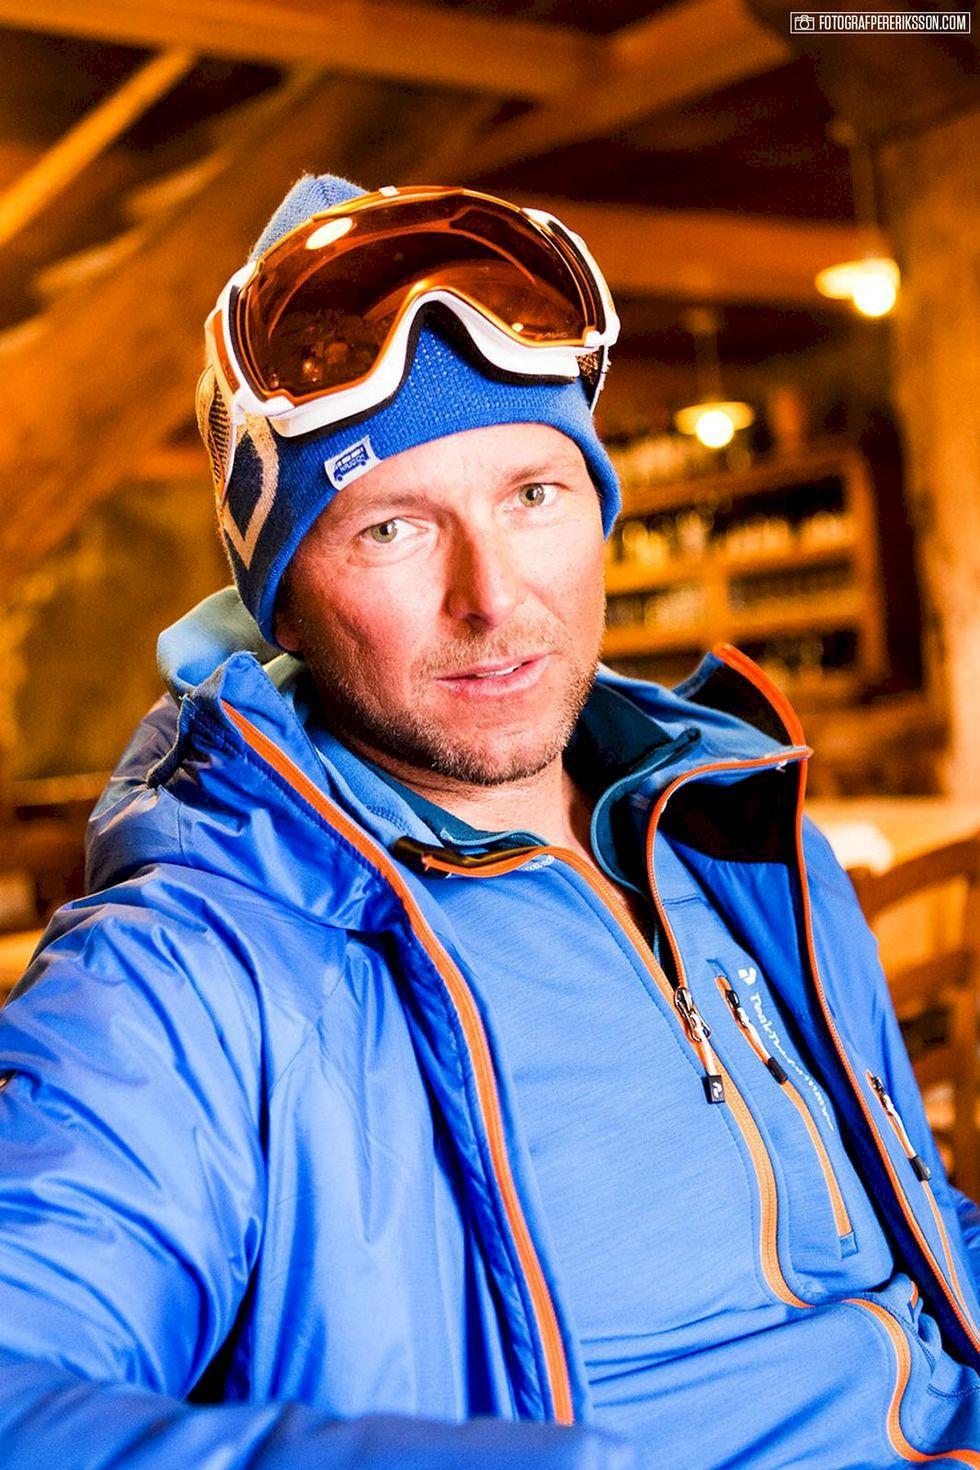 Henrik Hultberg – Aostadalens ambassadör